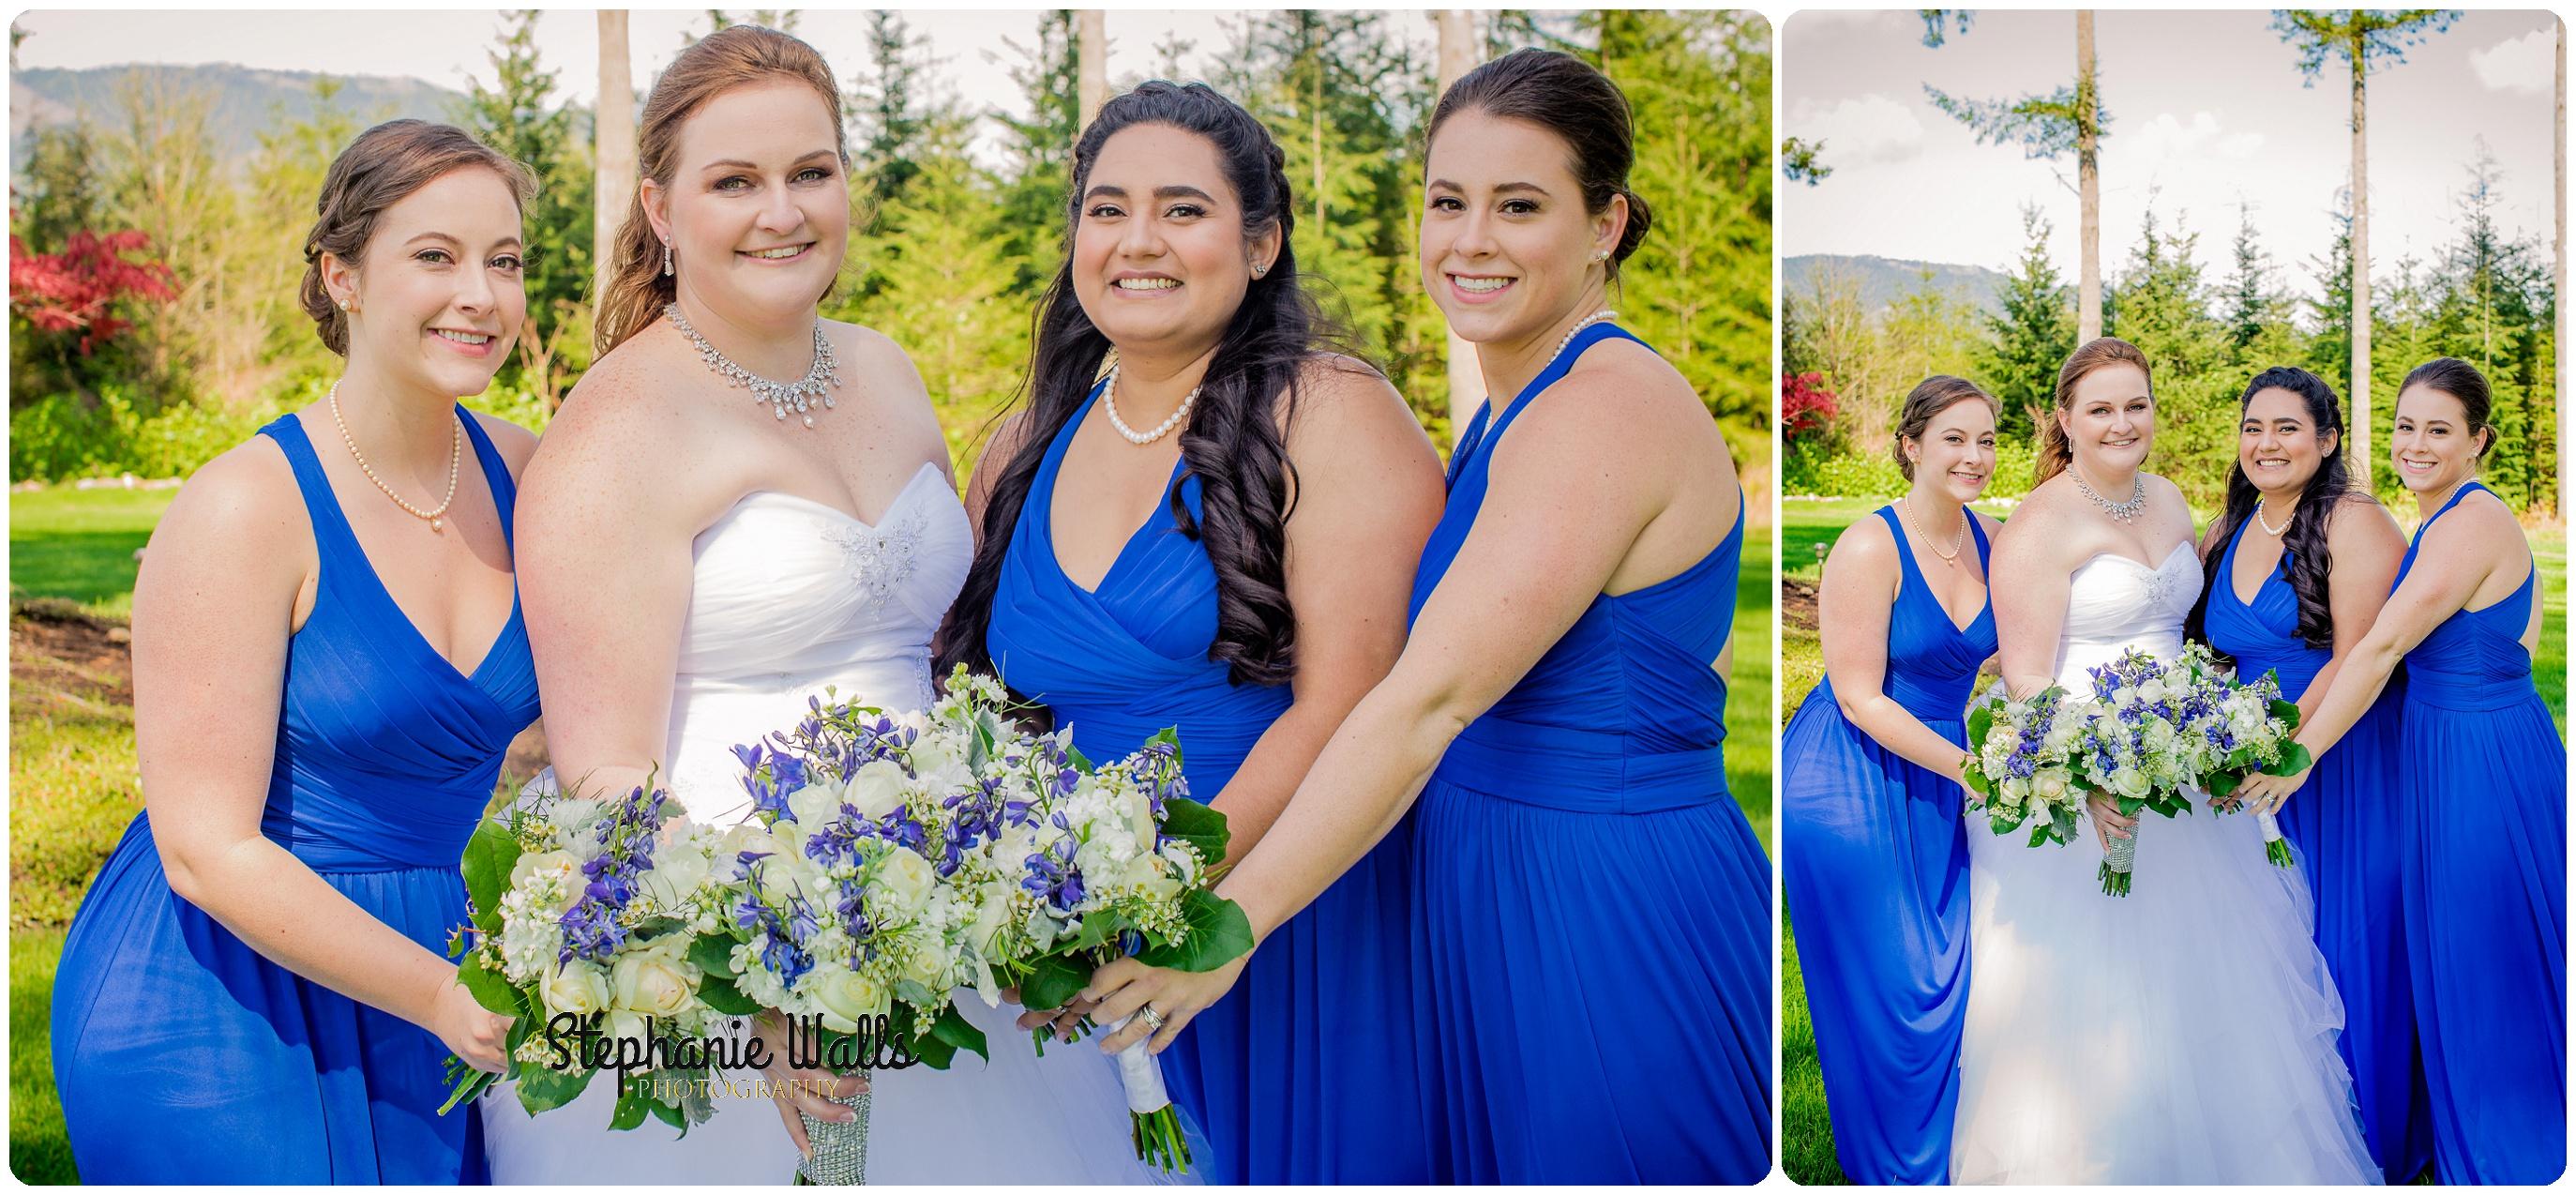 McCaslin Wedding016 2 Blue Skys ahead | Natures Connection Place | Arlington Wedding Photographer